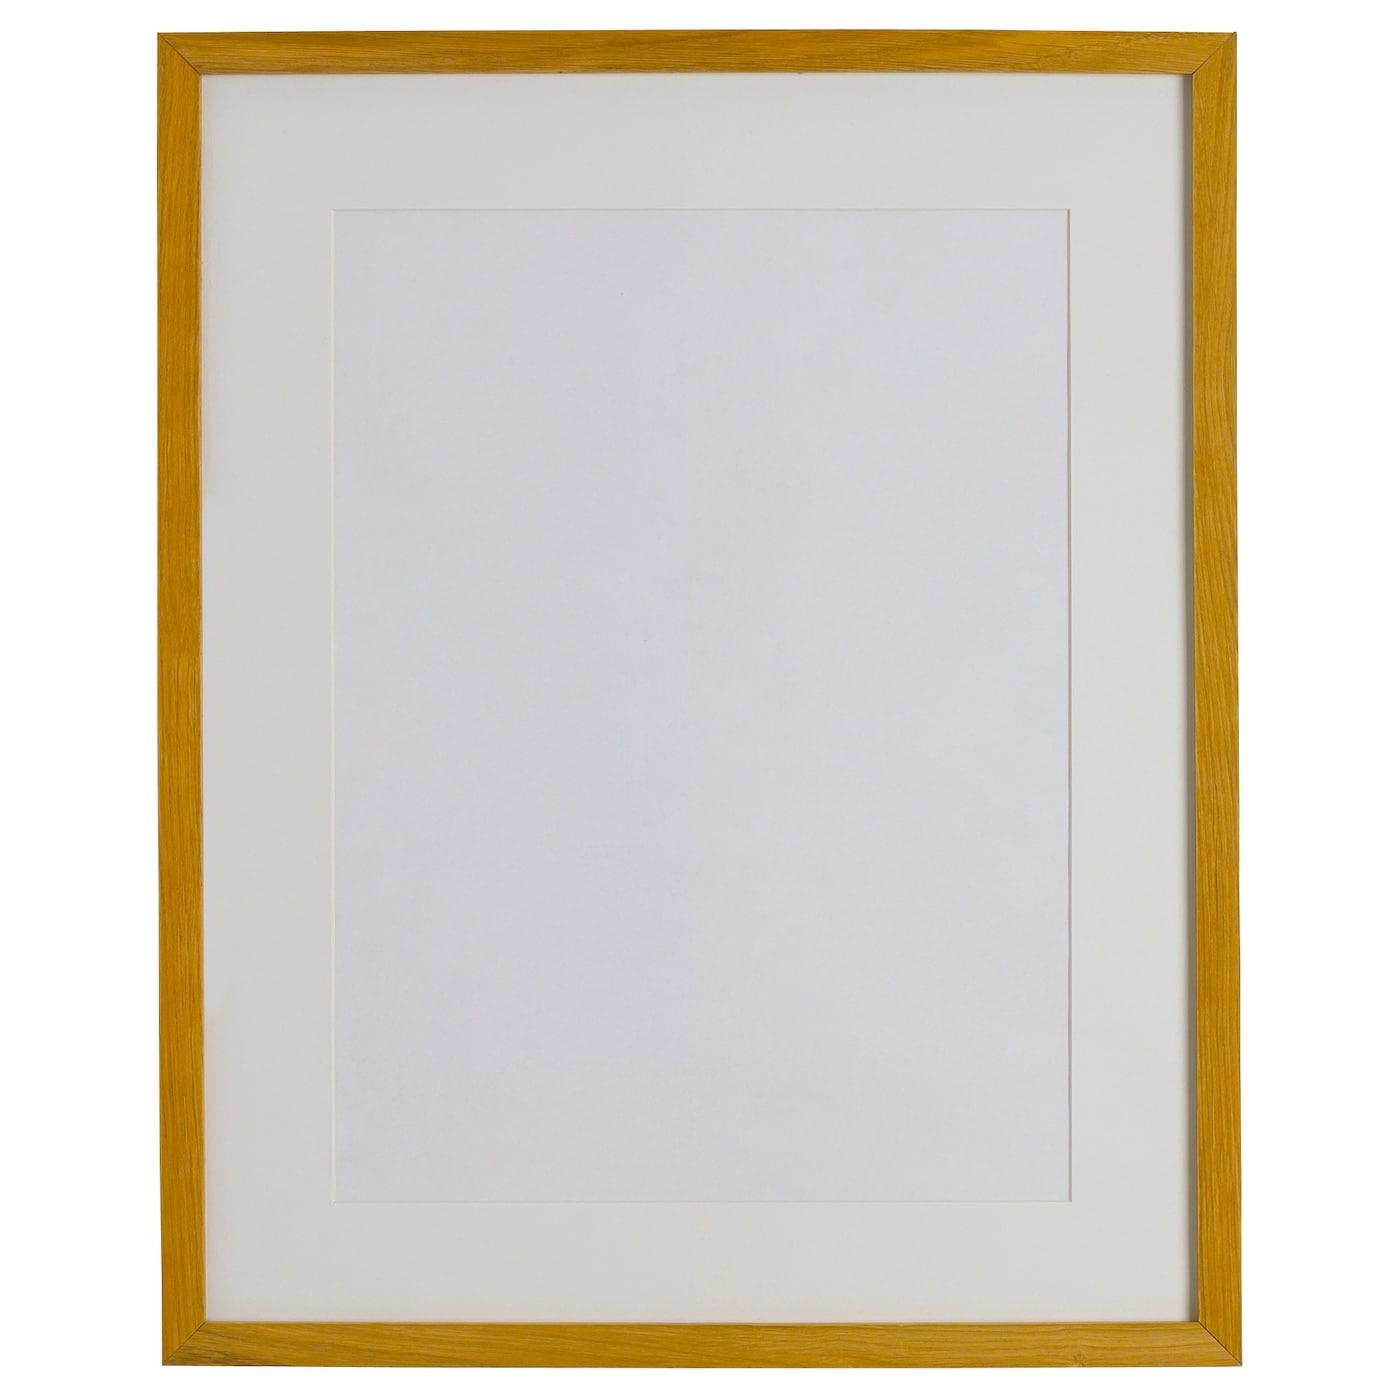 ribba frame oak effect 40x50 cm ikea. Black Bedroom Furniture Sets. Home Design Ideas